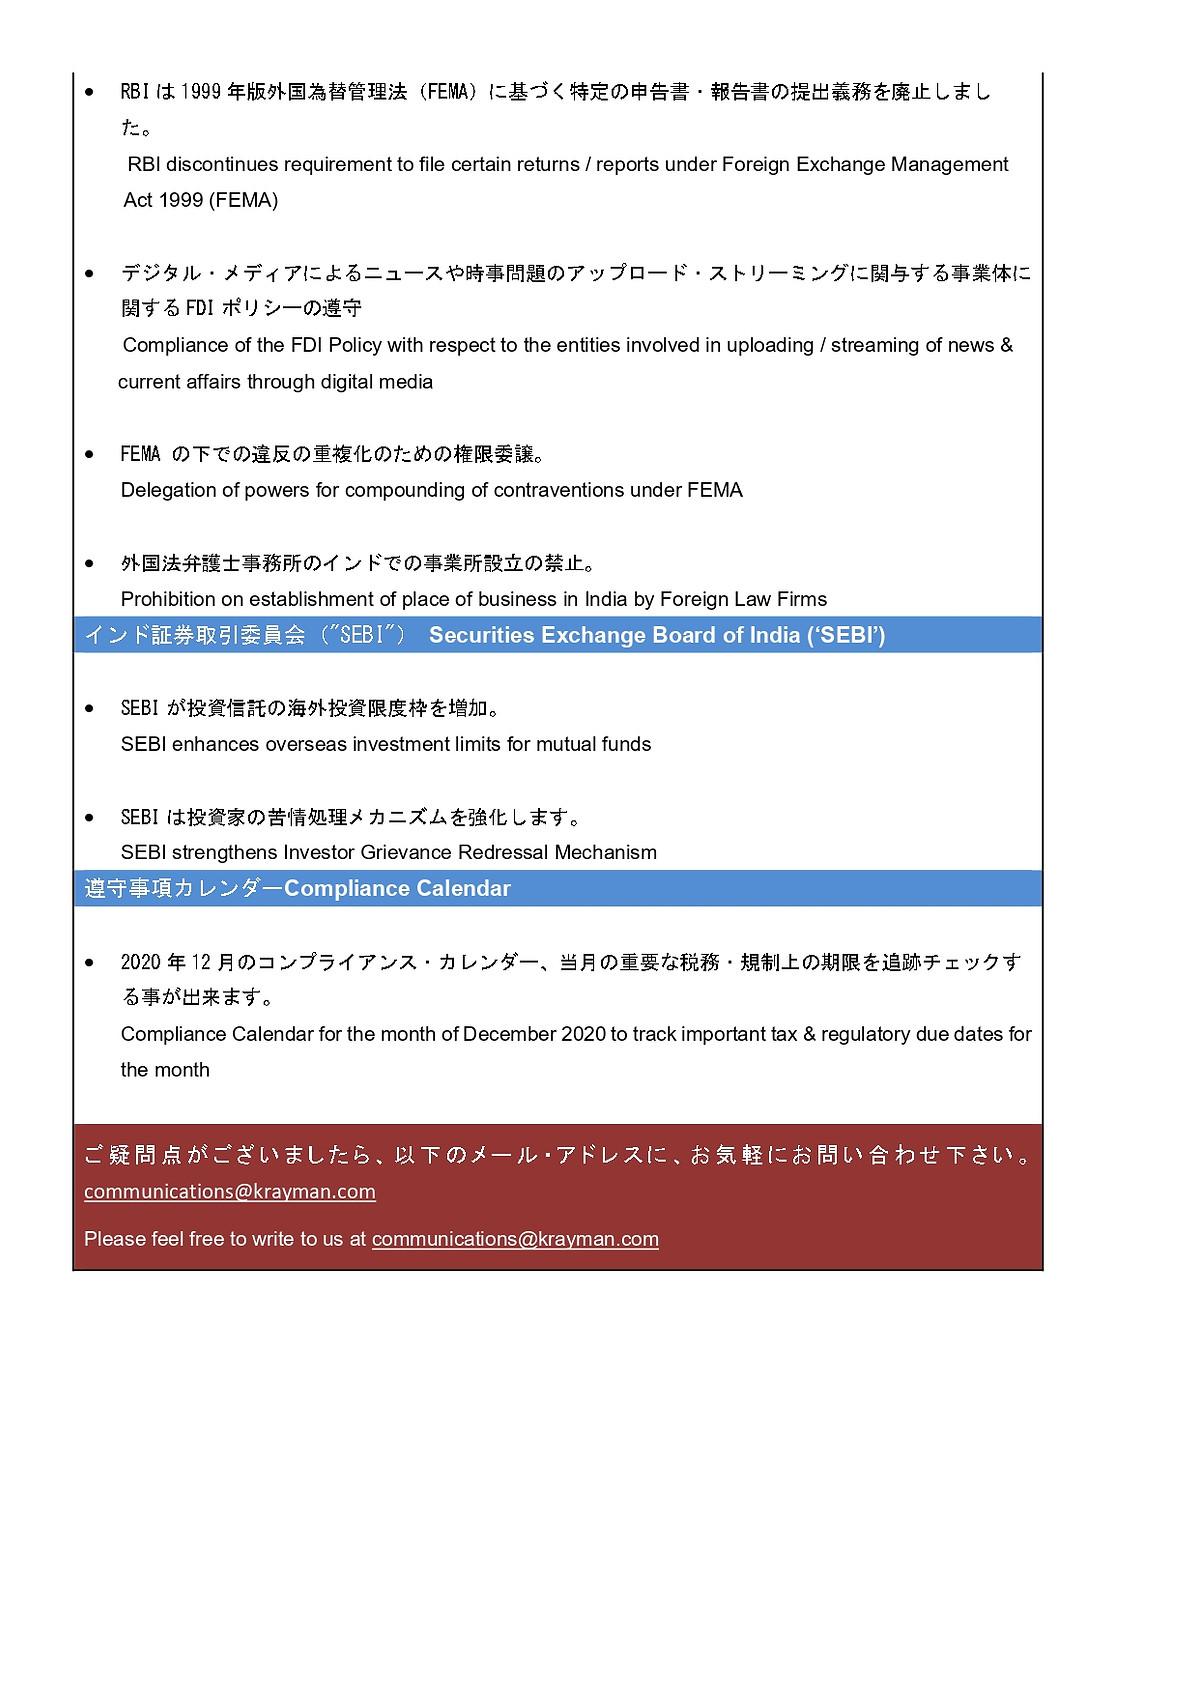 文書 1_page-0004.jpg